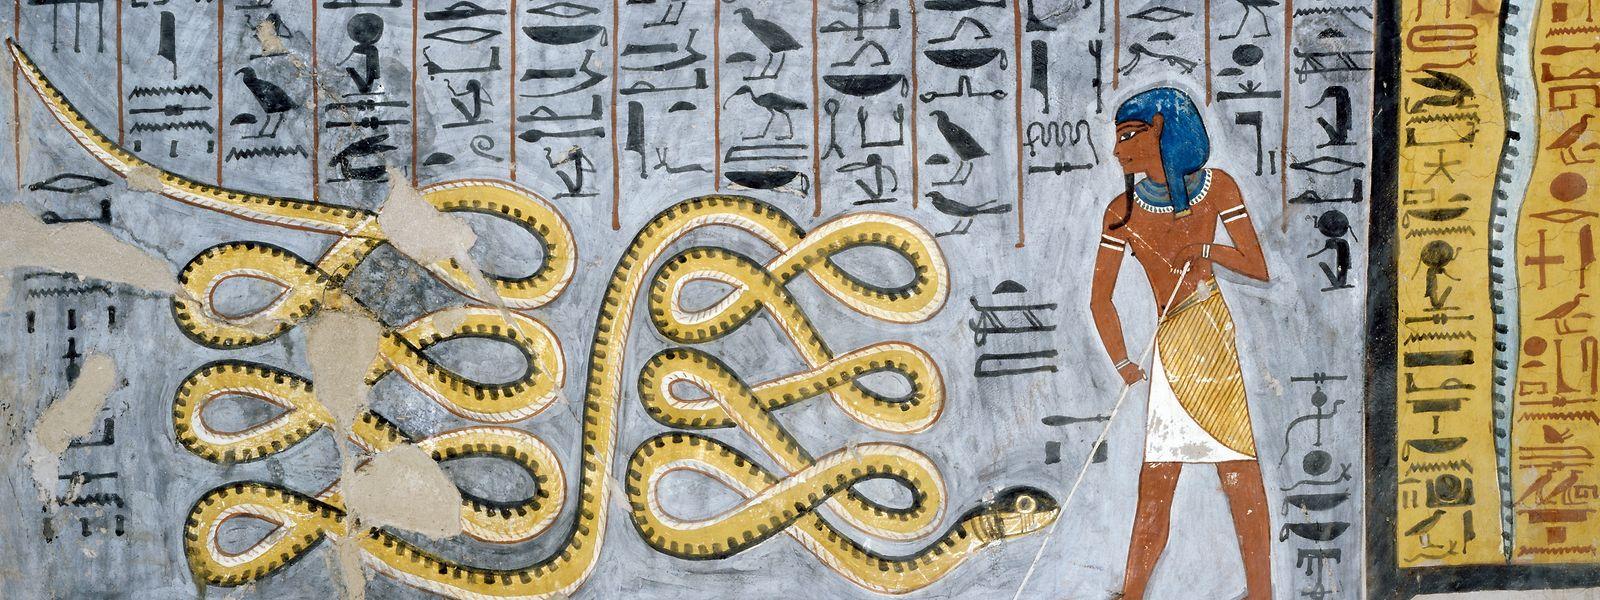 Im Alten Ägypten symbolisierte die Schlange den Sonnengott Ra.